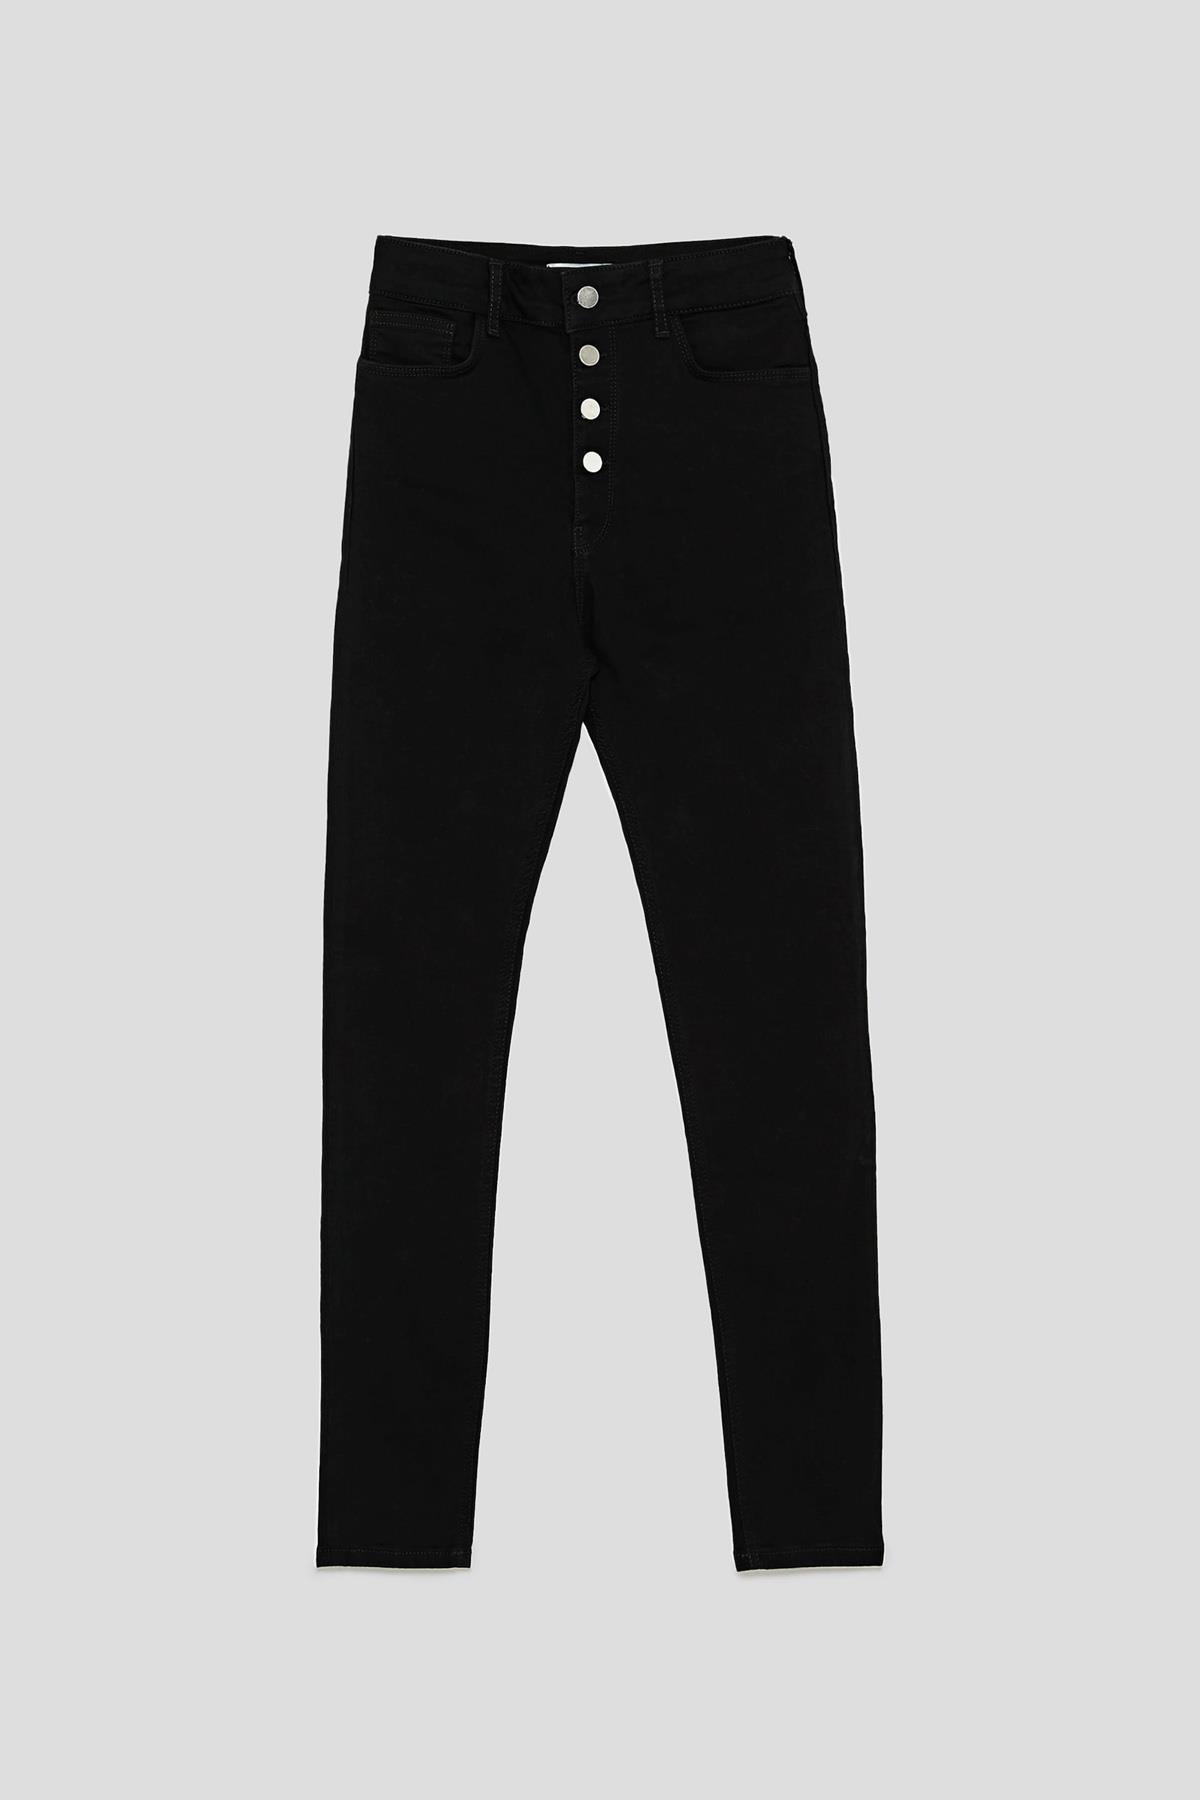 Pantalones Tiro Alto O Tiro Medio Los Vaqueros De Moda Primavera 2019